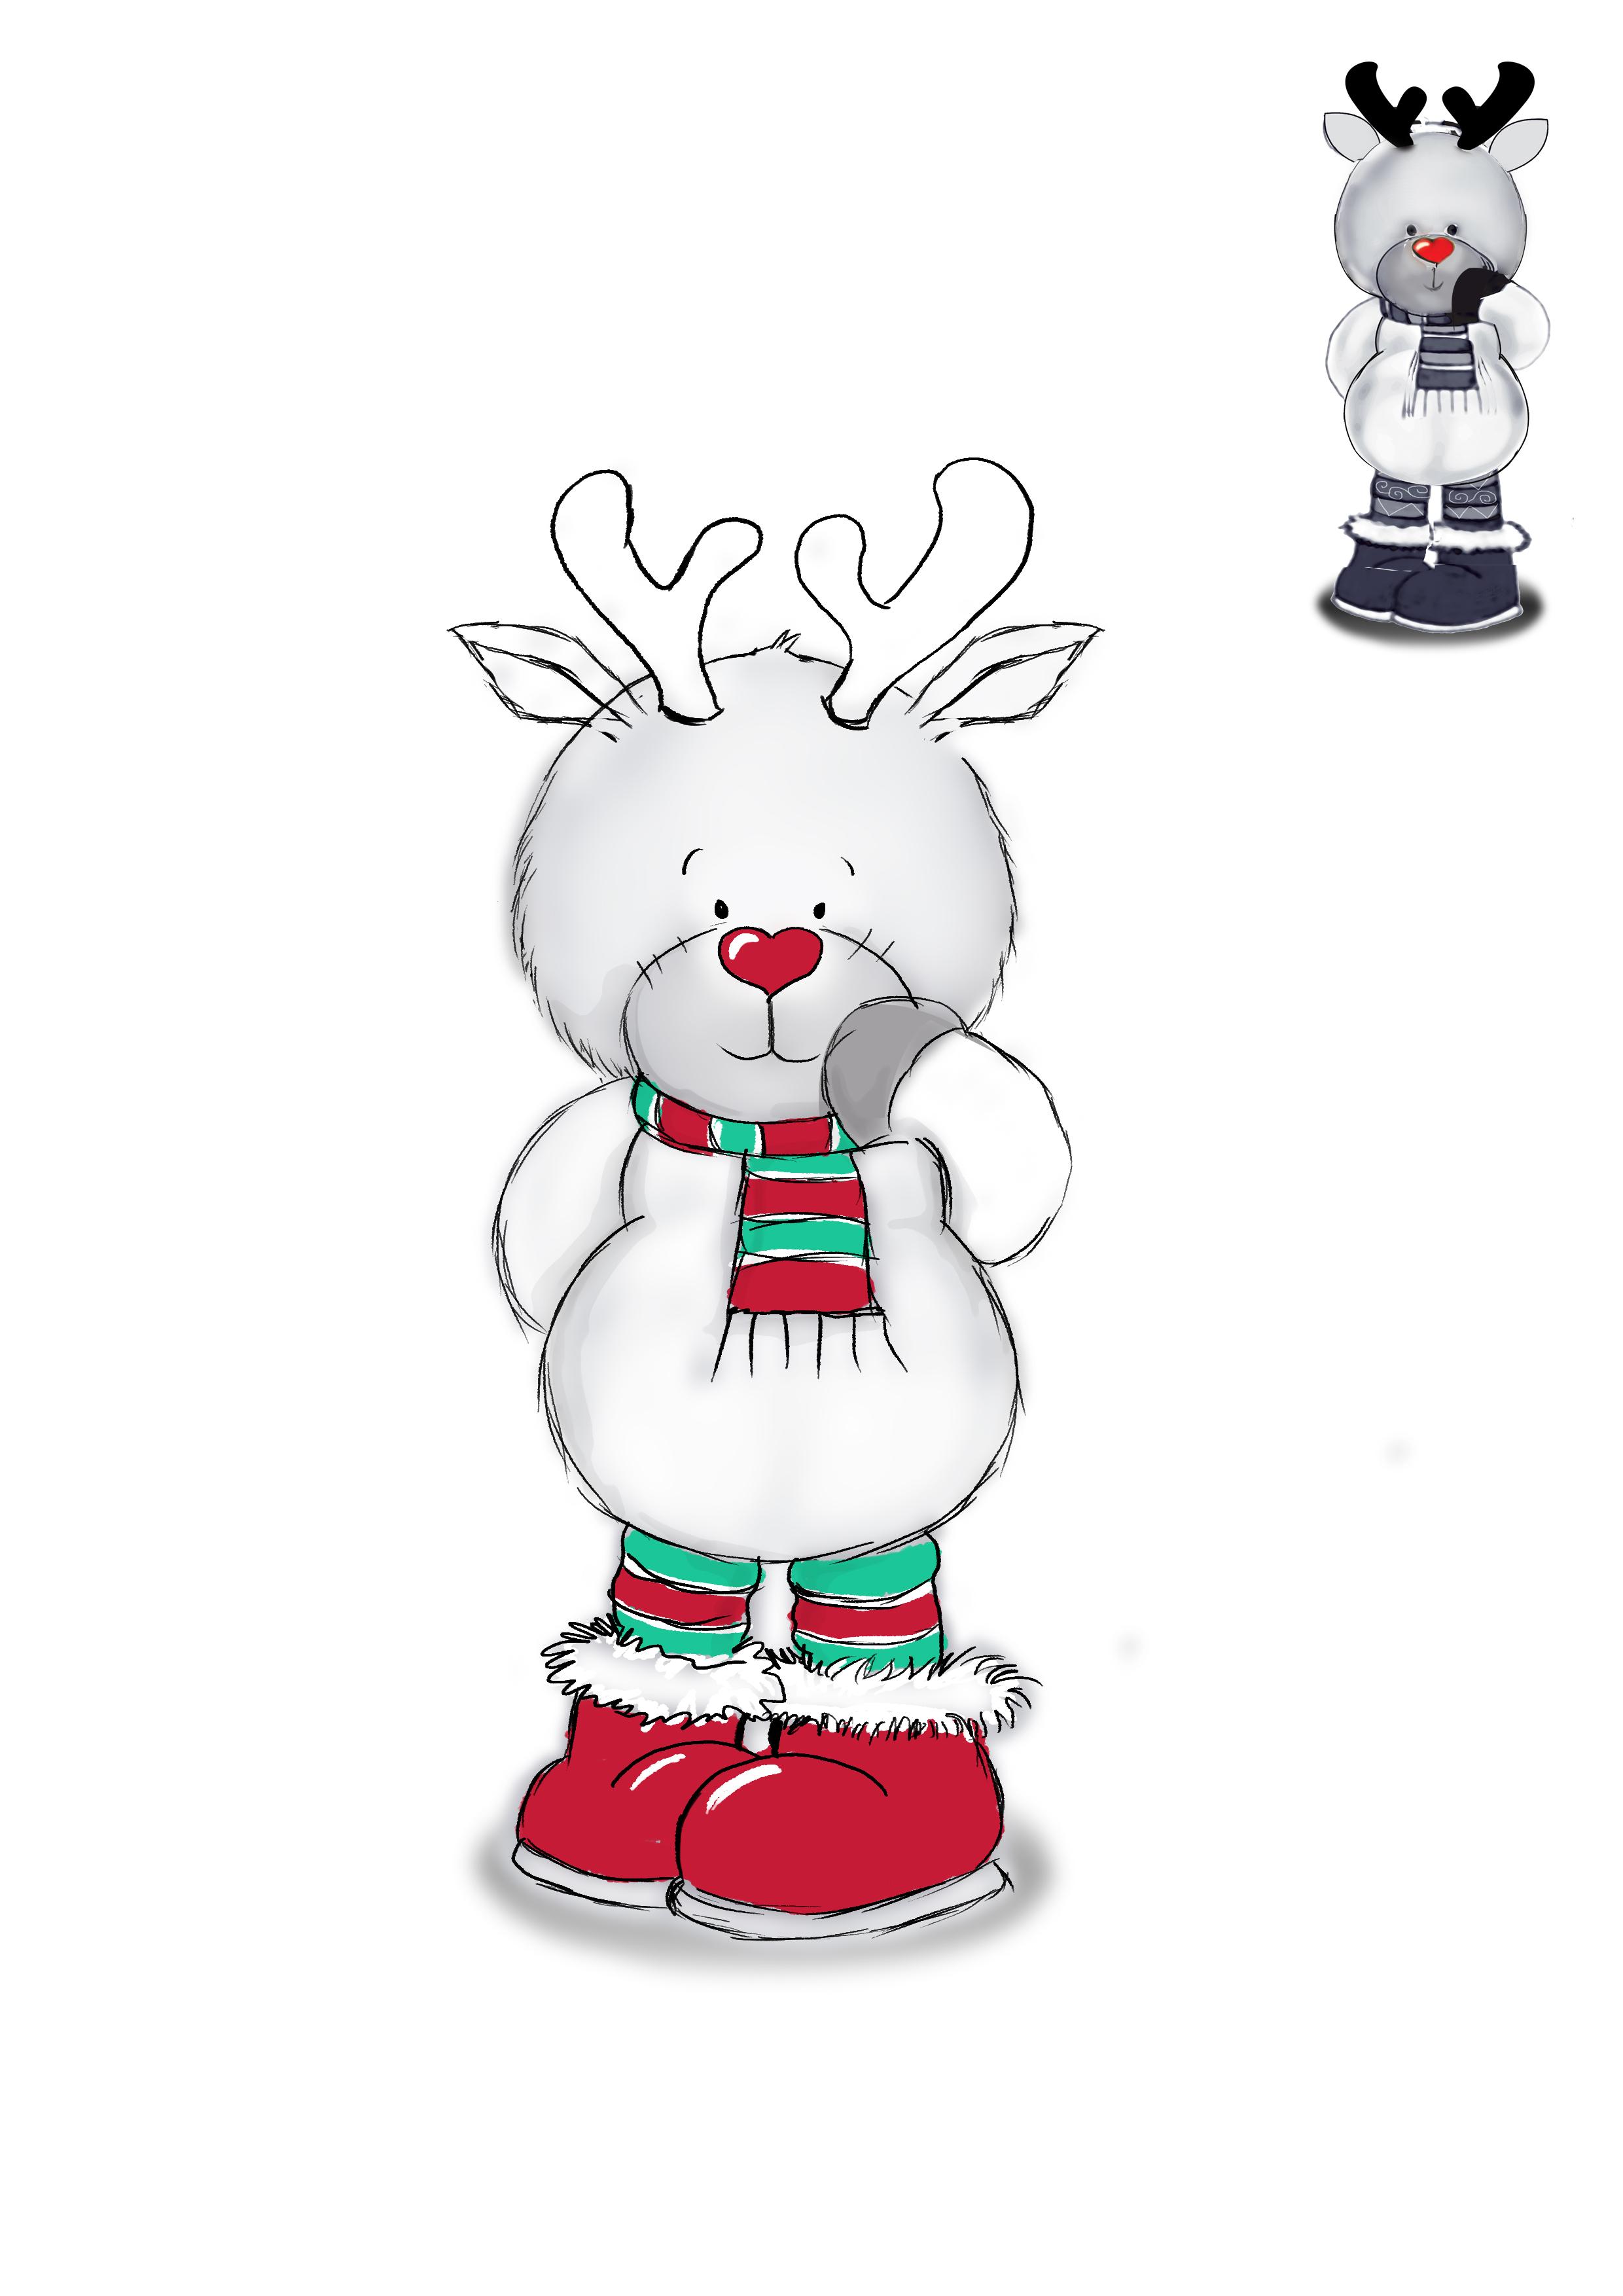 reindeer concept